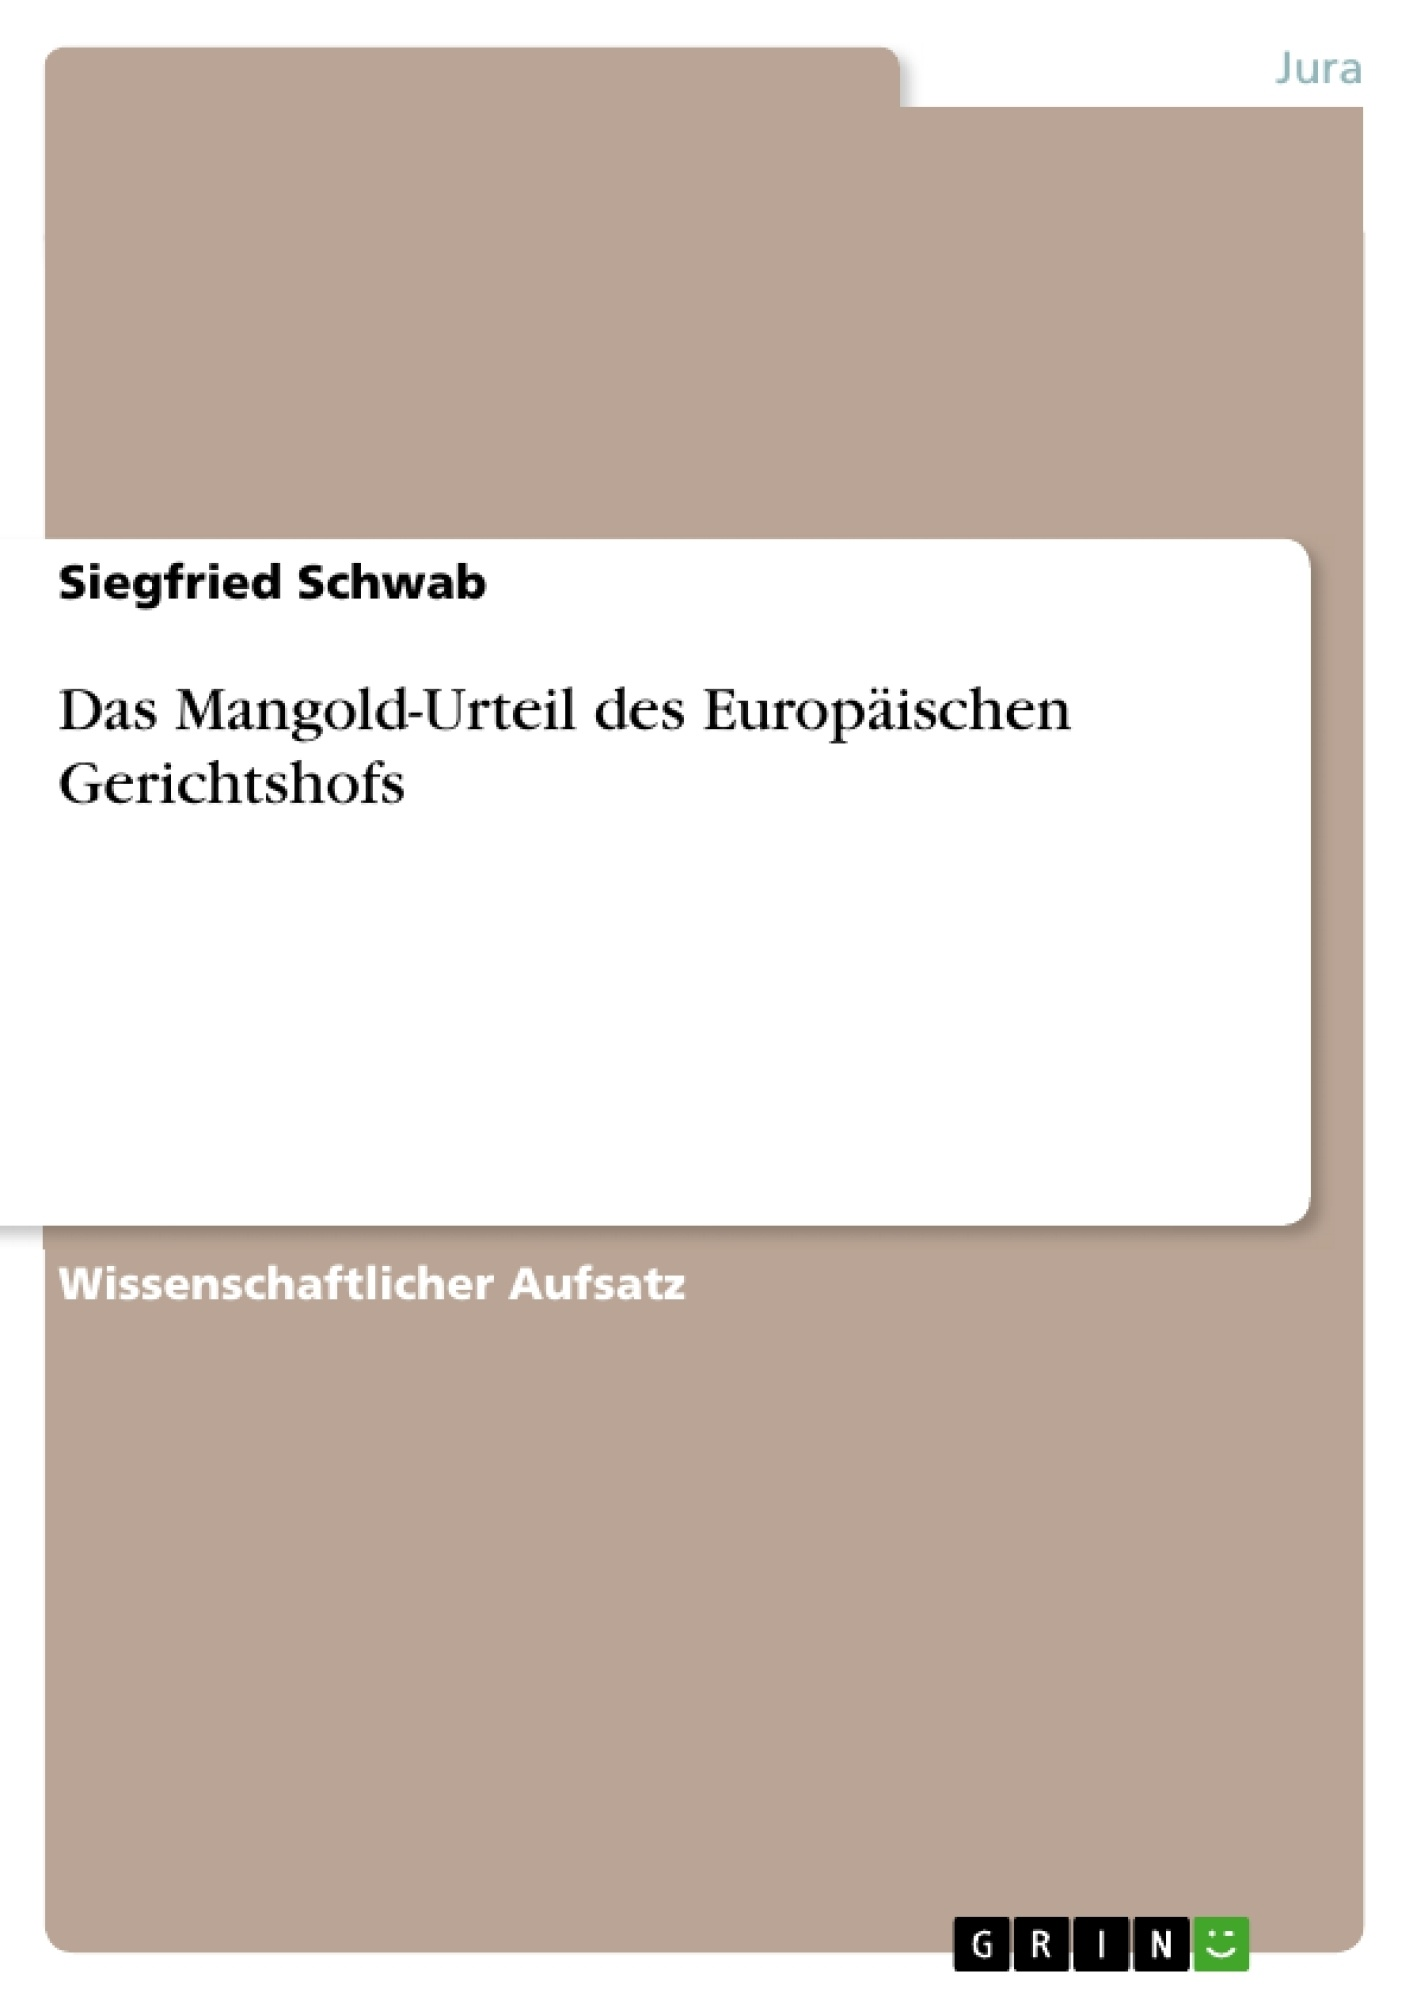 Titel: Das Mangold-Urteil des Europäischen Gerichtshofs